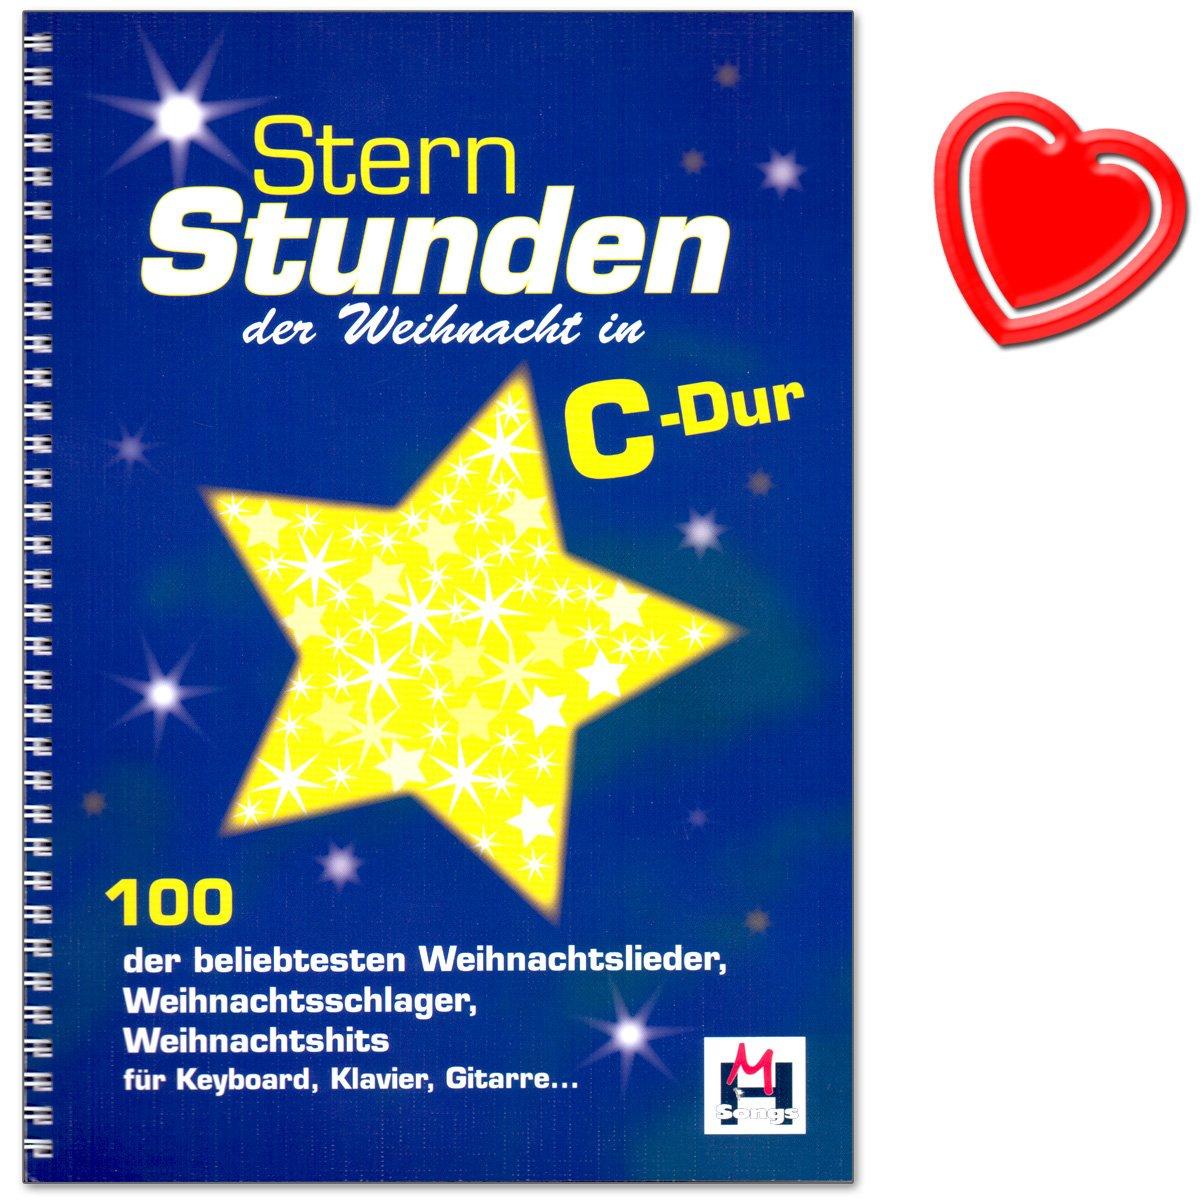 Sternstunden der Weihnacht in C-Dur - 100 der beliebtesten ...